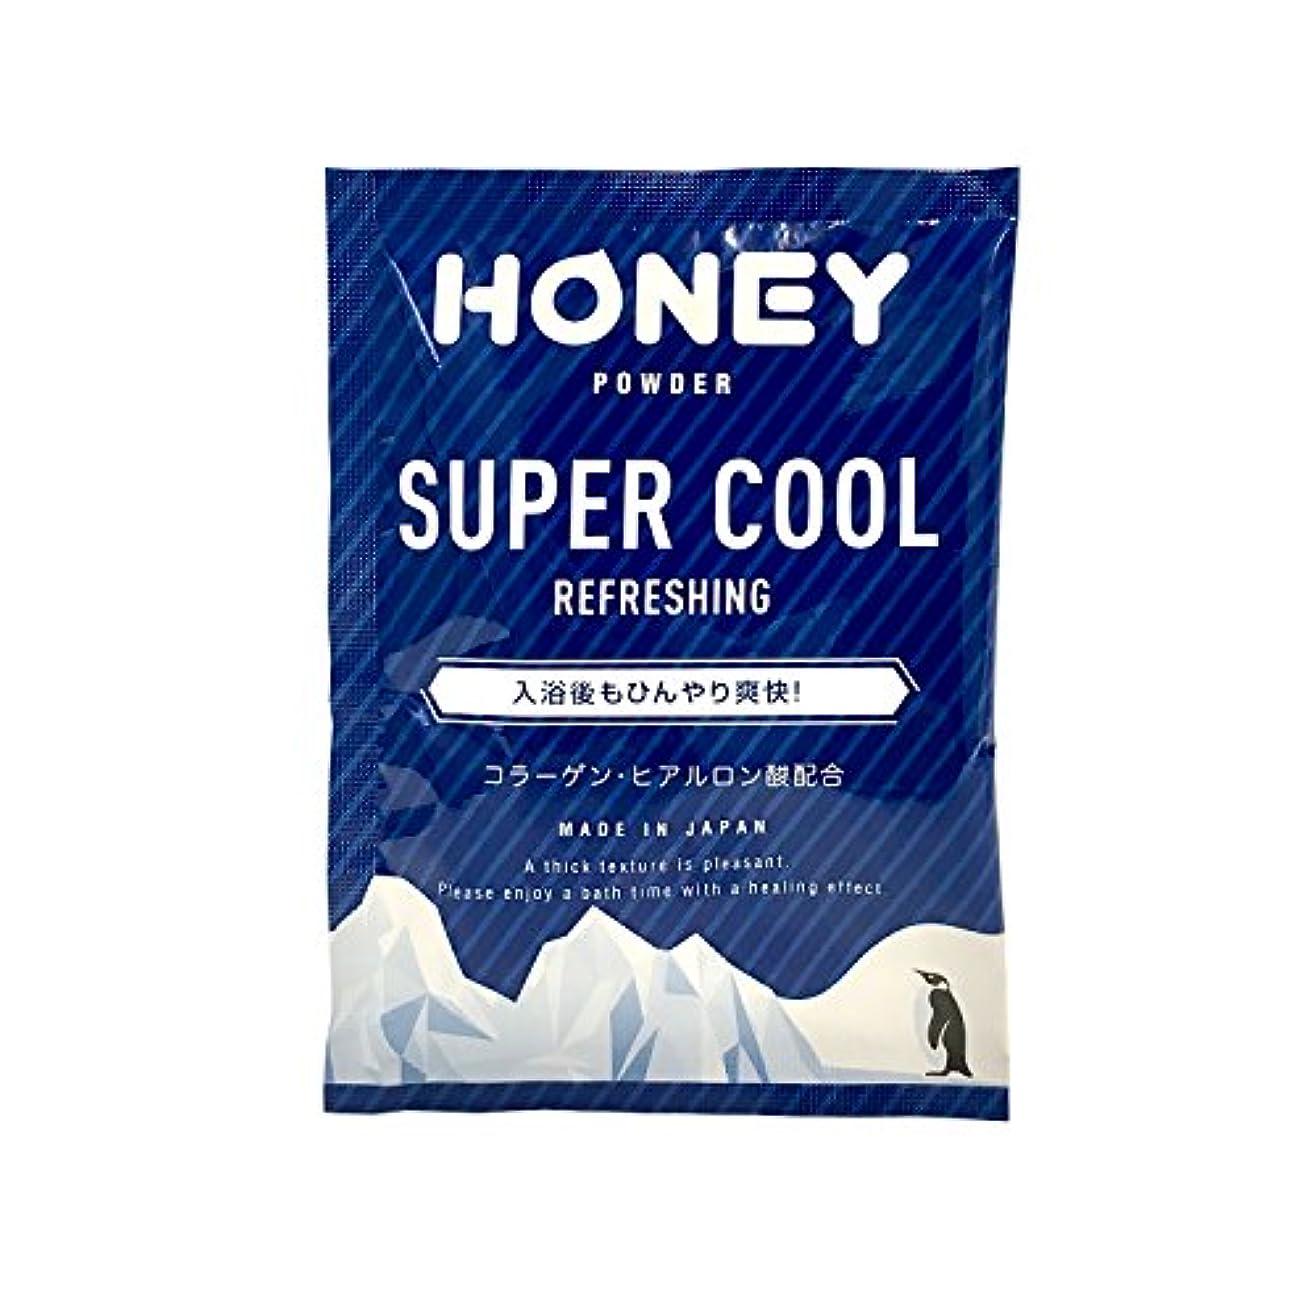 渇き訪問ドラッグとろとろ入浴剤【honey powder】(ハニーパウダー) スーパークール 粉末タイプ ローション